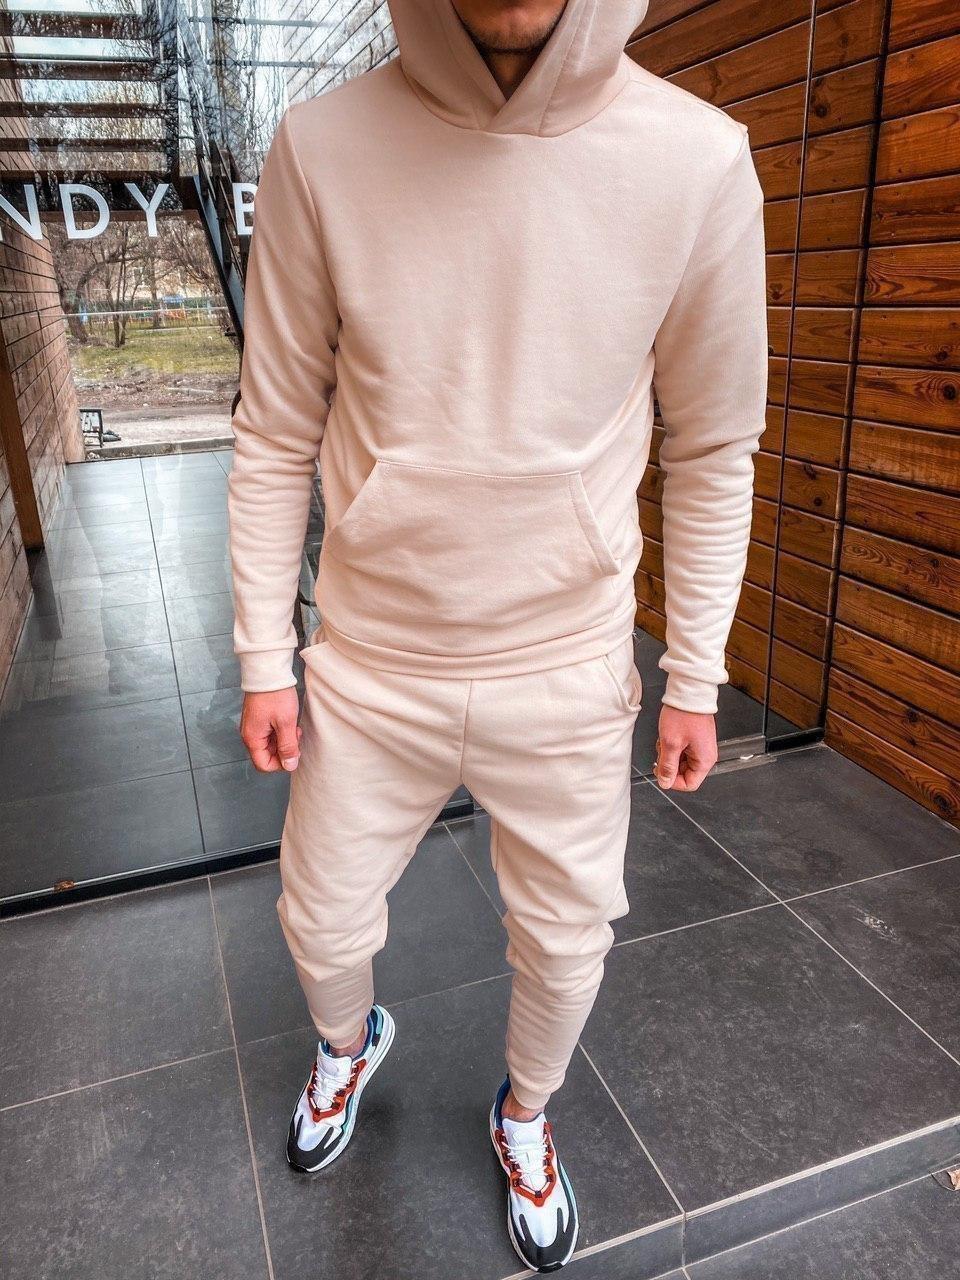 😜 Спортивный костюм -Стильный мужской спортивный костюм бежевого цвета верх худи качество люкс